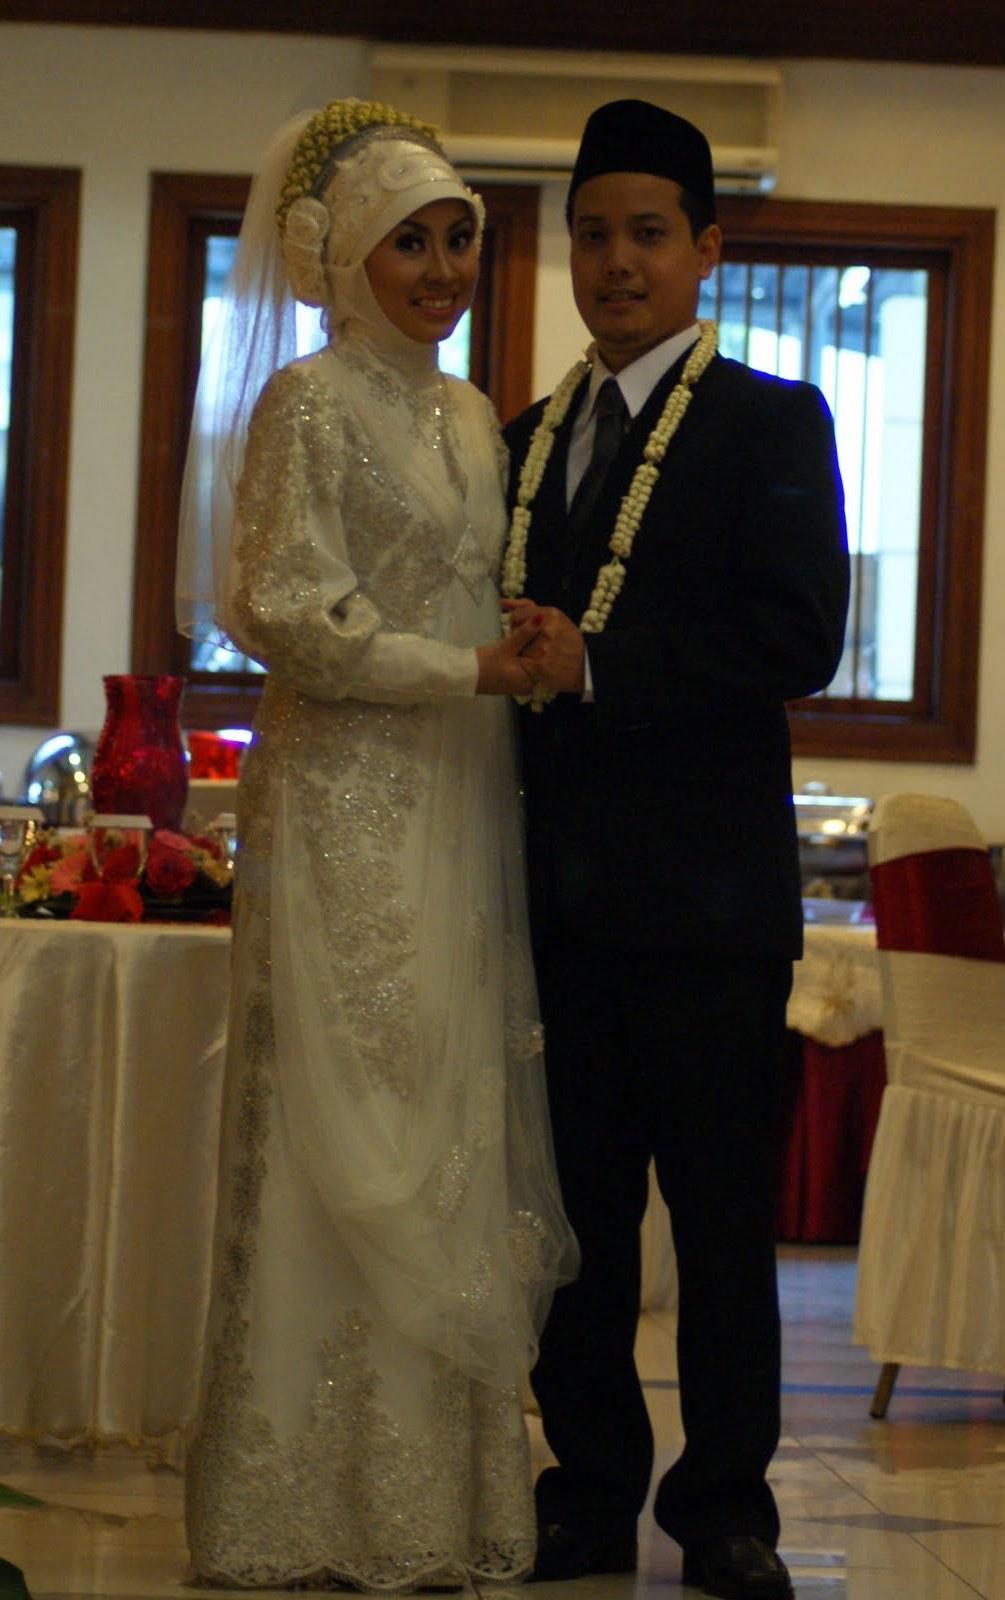 Bentuk Gaun Pernikahan Muslimah Syar'i 8ydm Sewa Gaun Pernikahan Muslimah